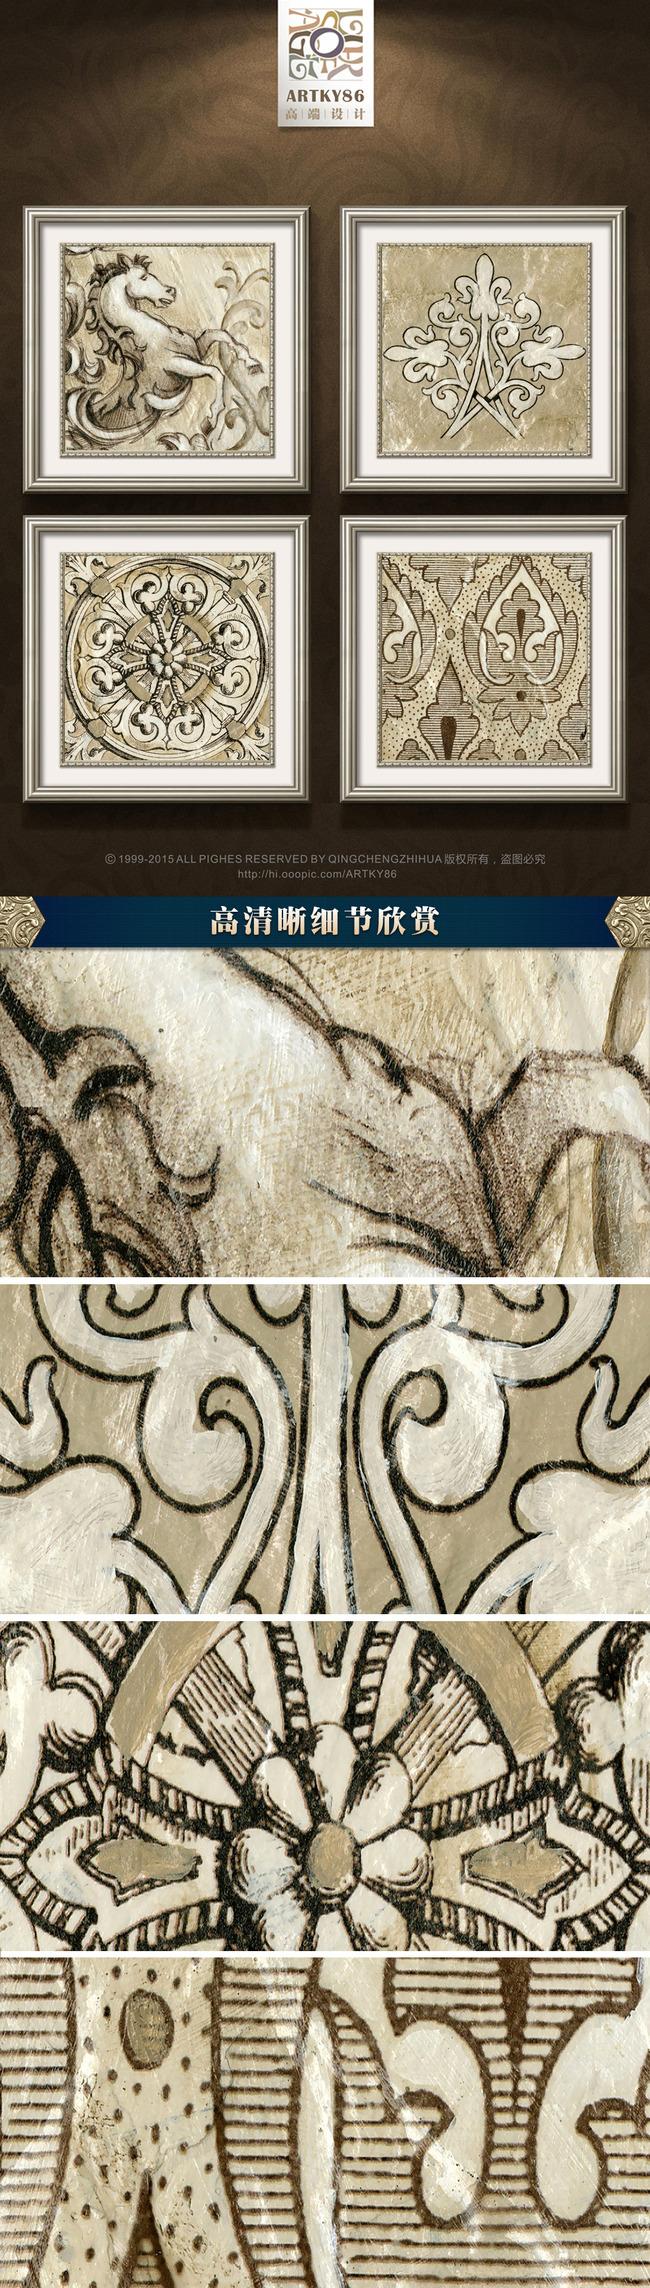 欧式复古花纹飞马树叶抽象油画装饰画